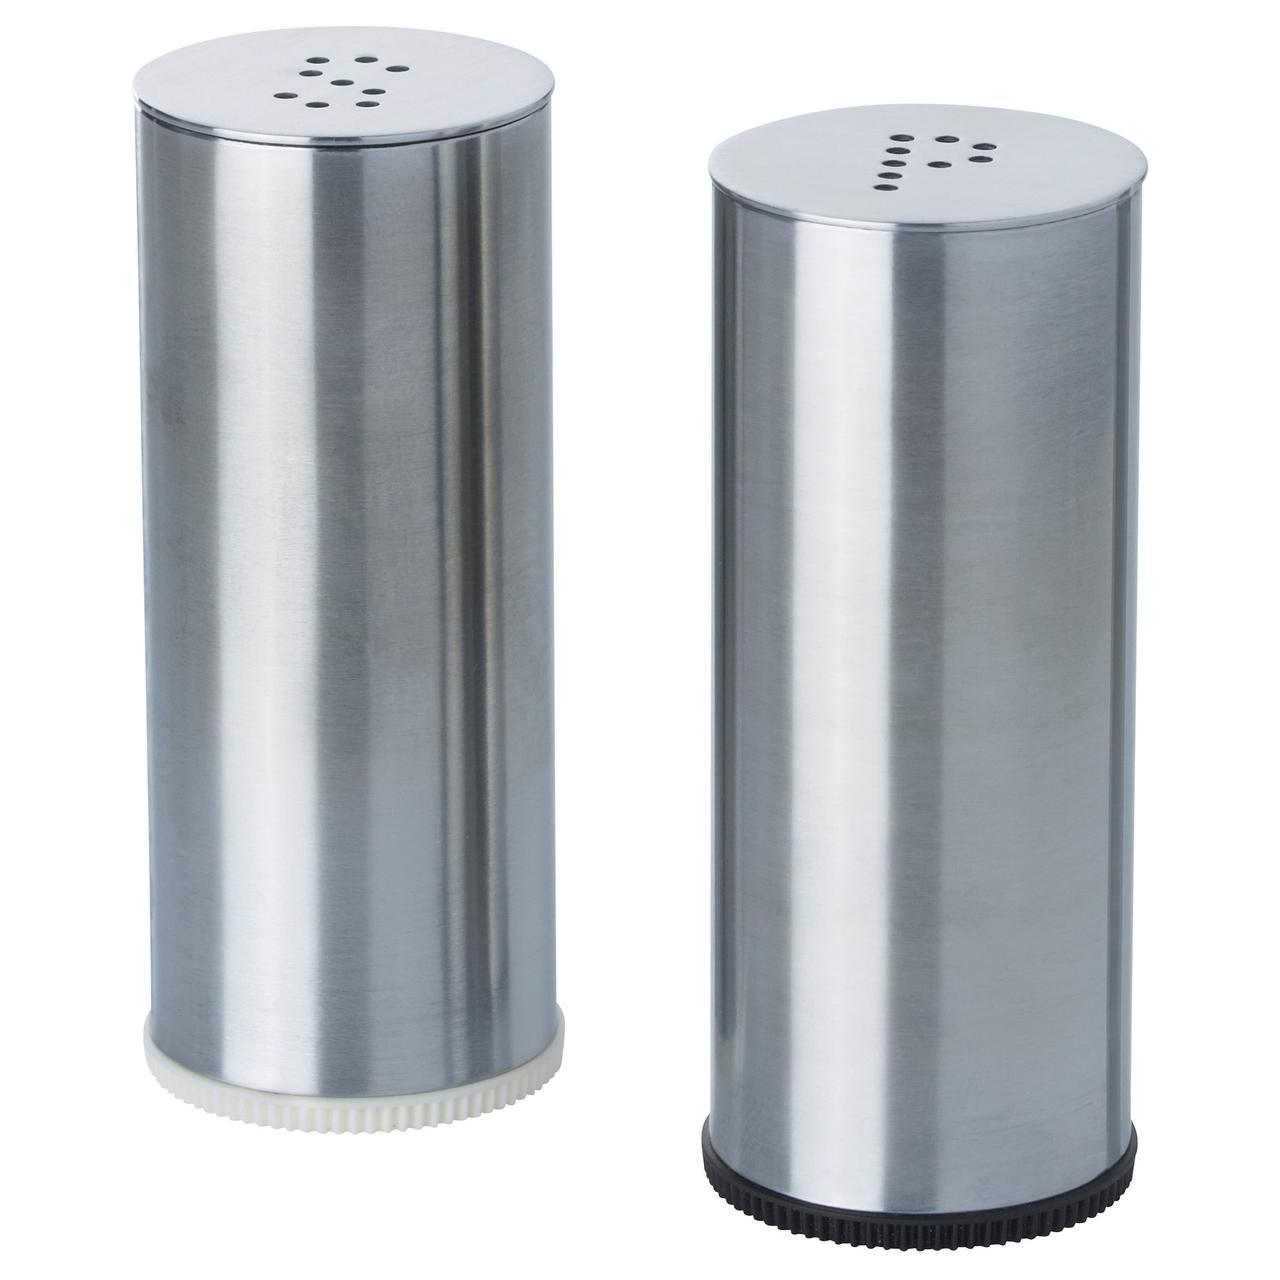 ПЛАТС Солонка/перечница, 2 штуки, нержавеющ сталь